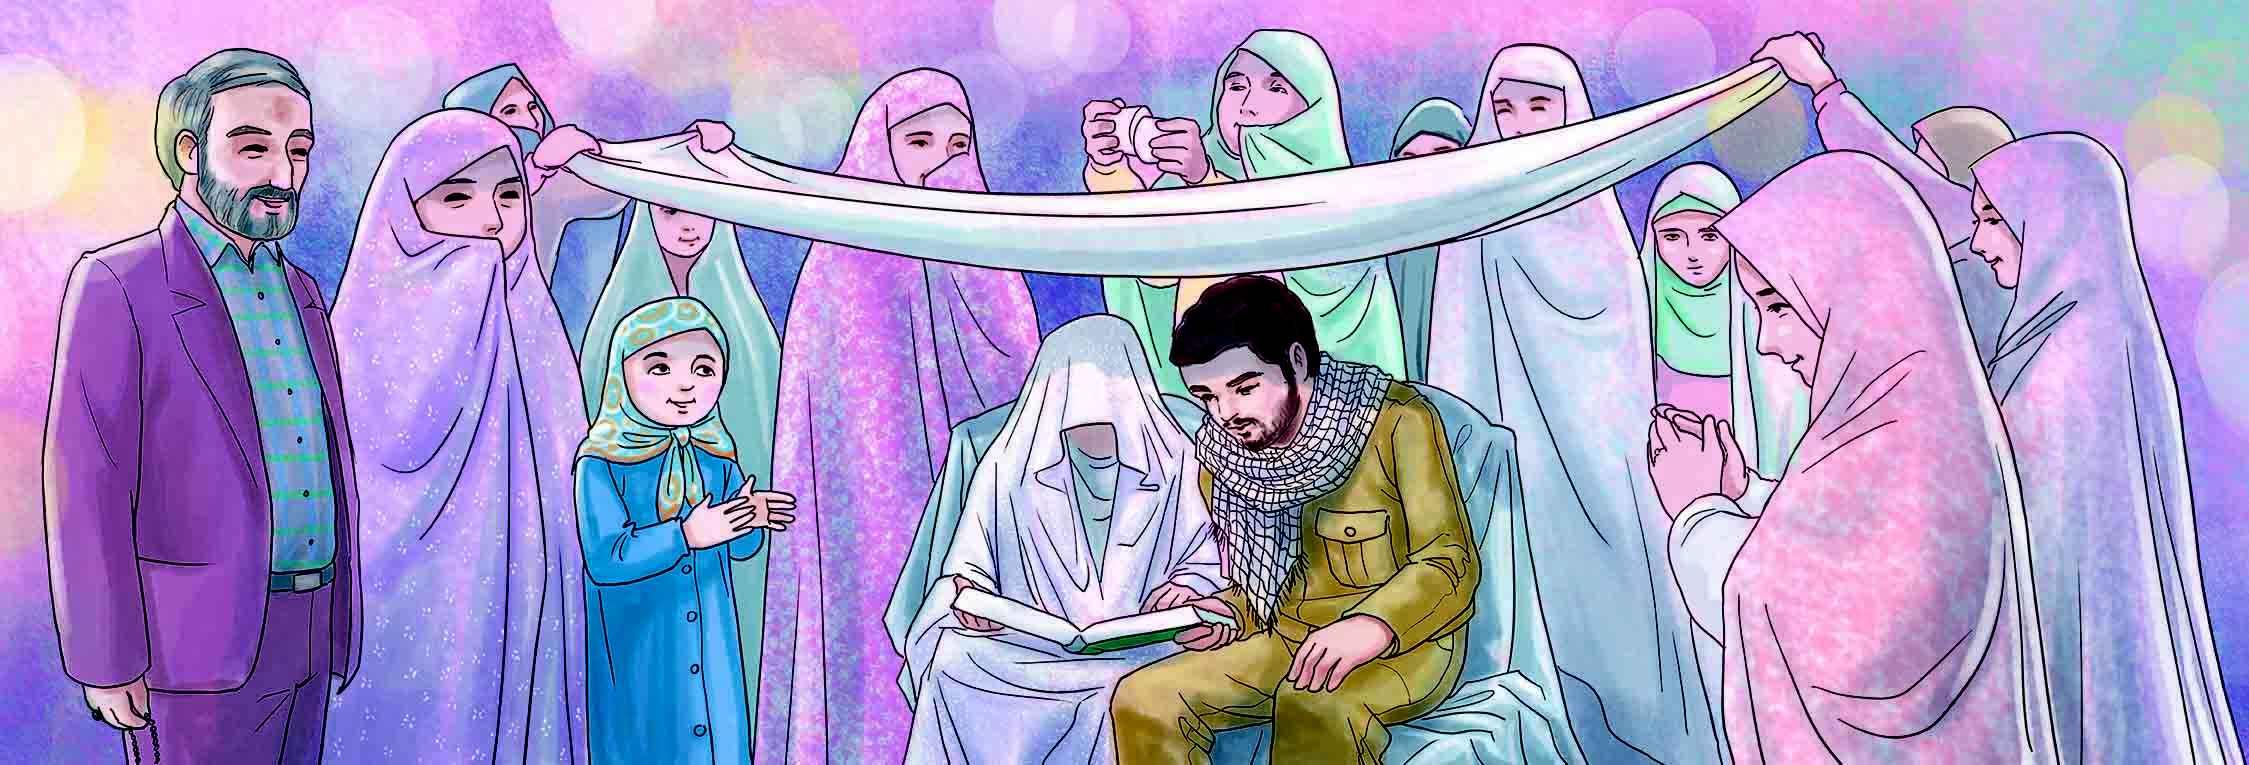 سبک زندگی اسلامی 1 /تصویری